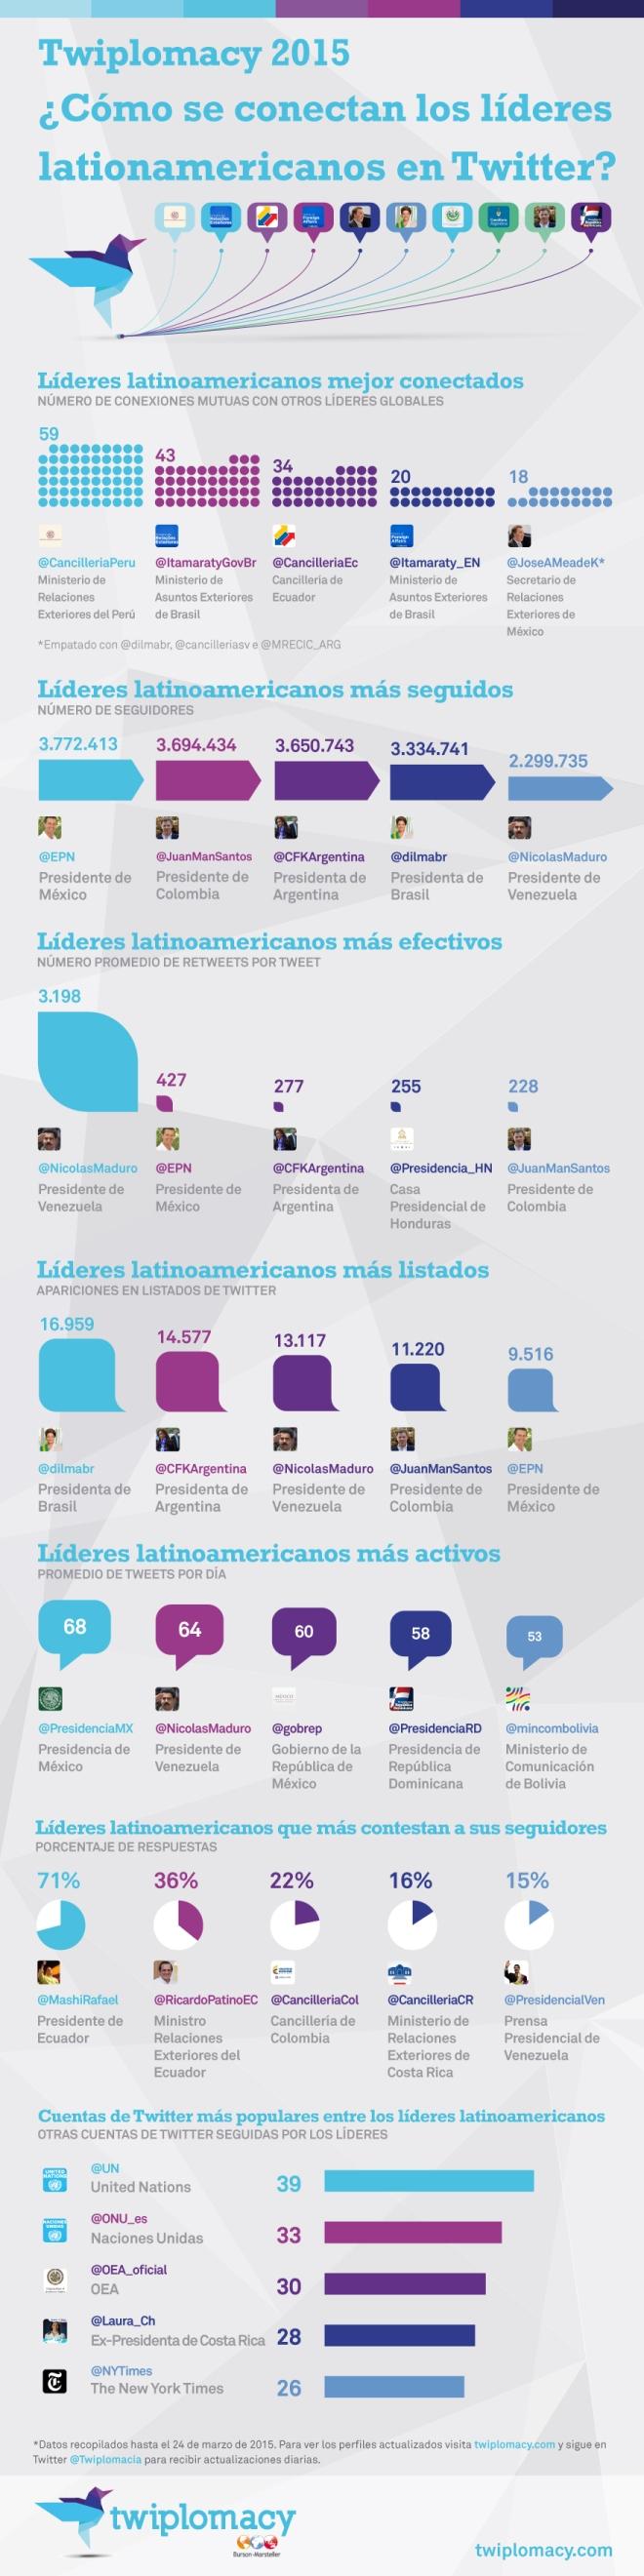 Líderes latinoamericanos en Twitter